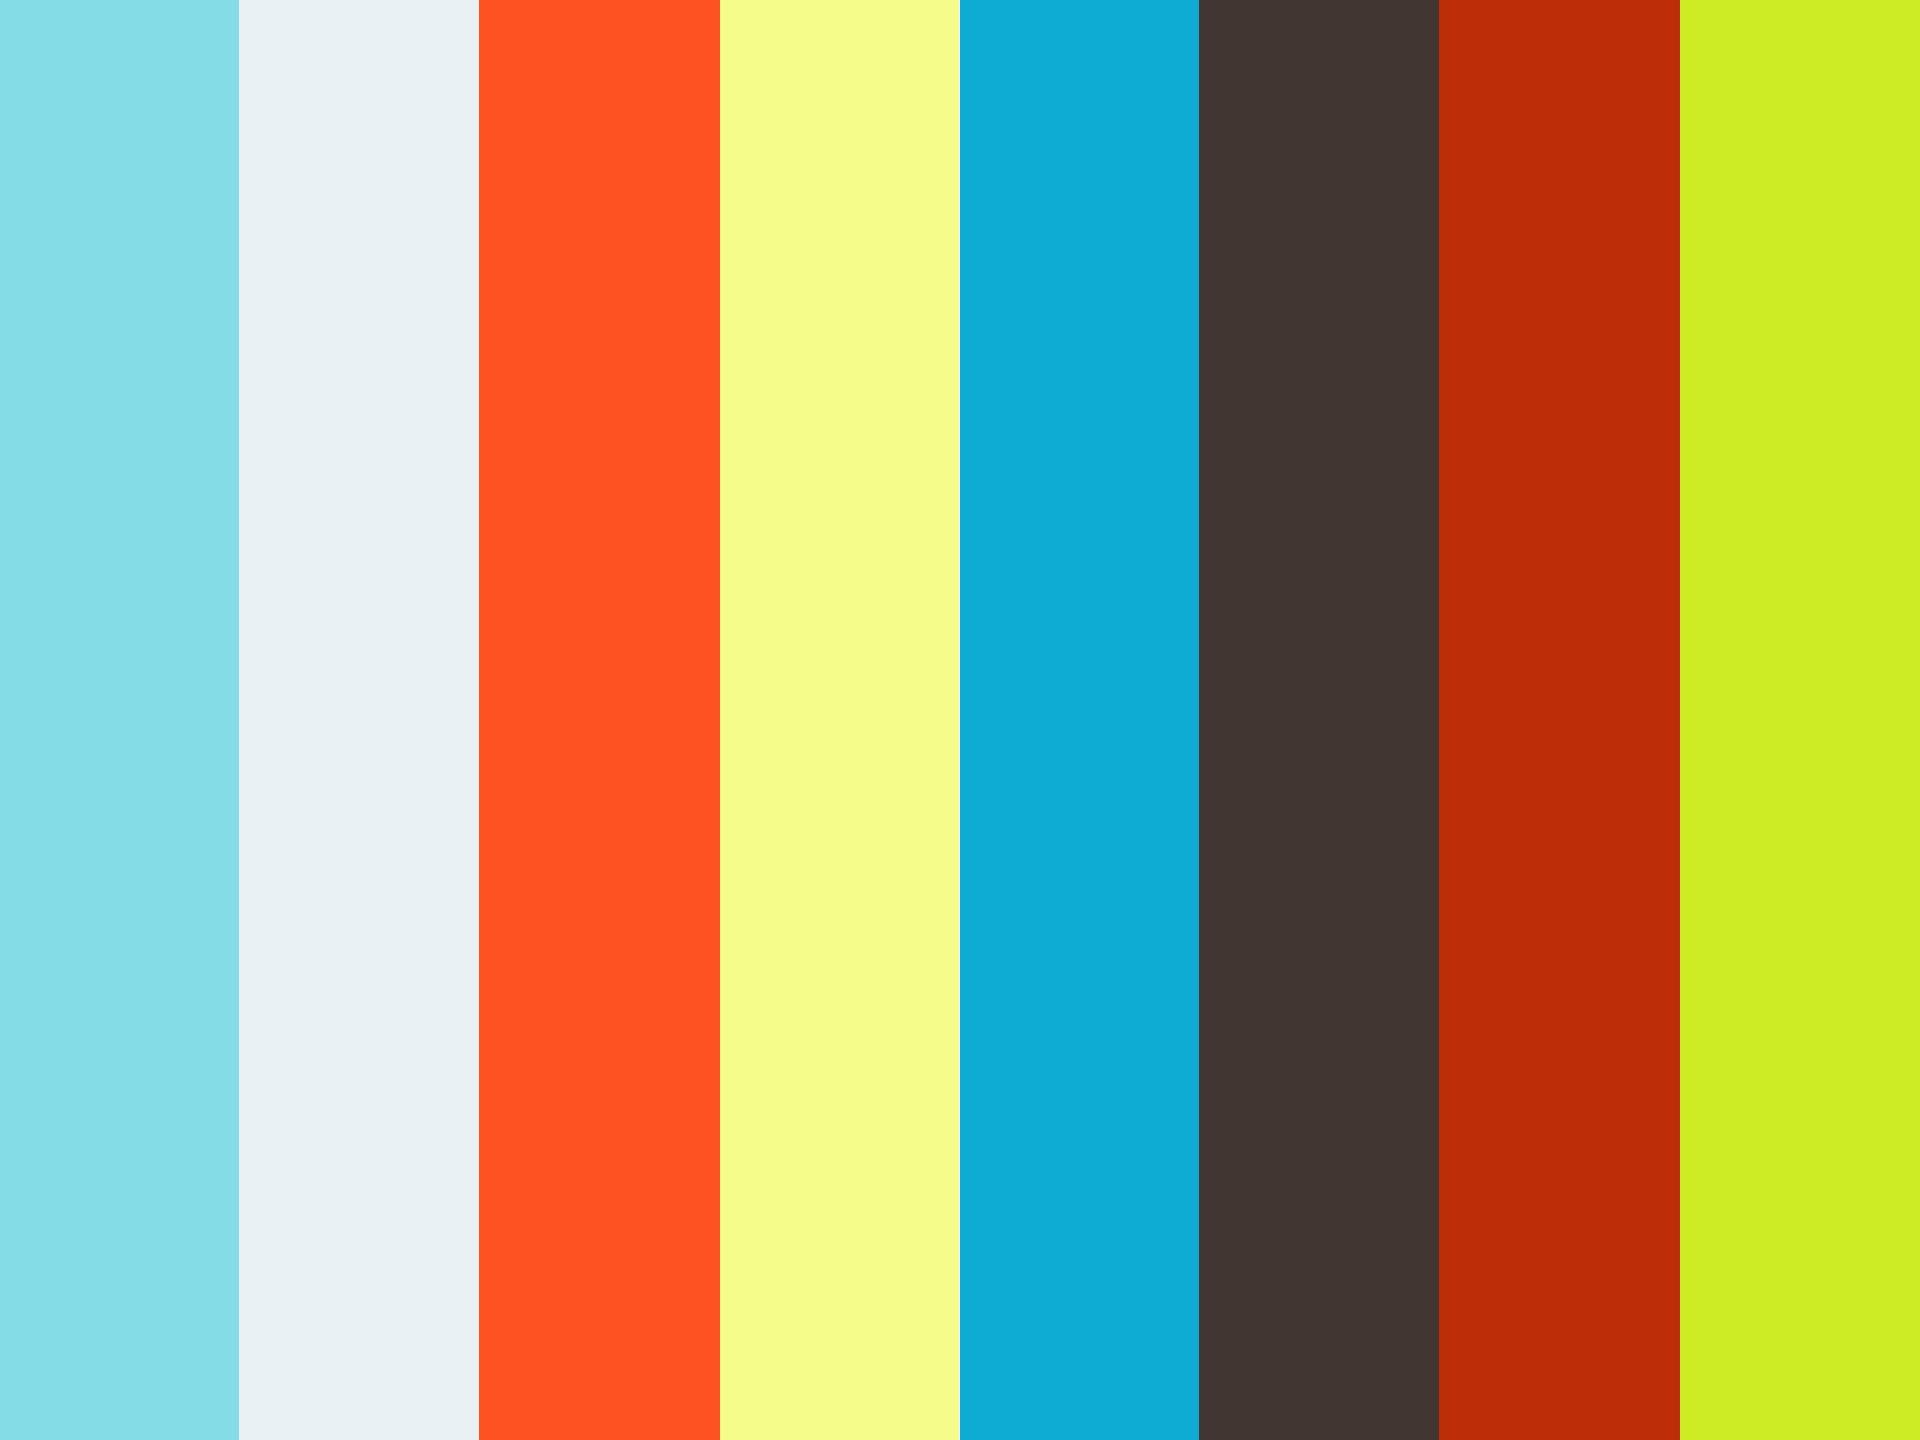 Caso Borge usado como bandera política